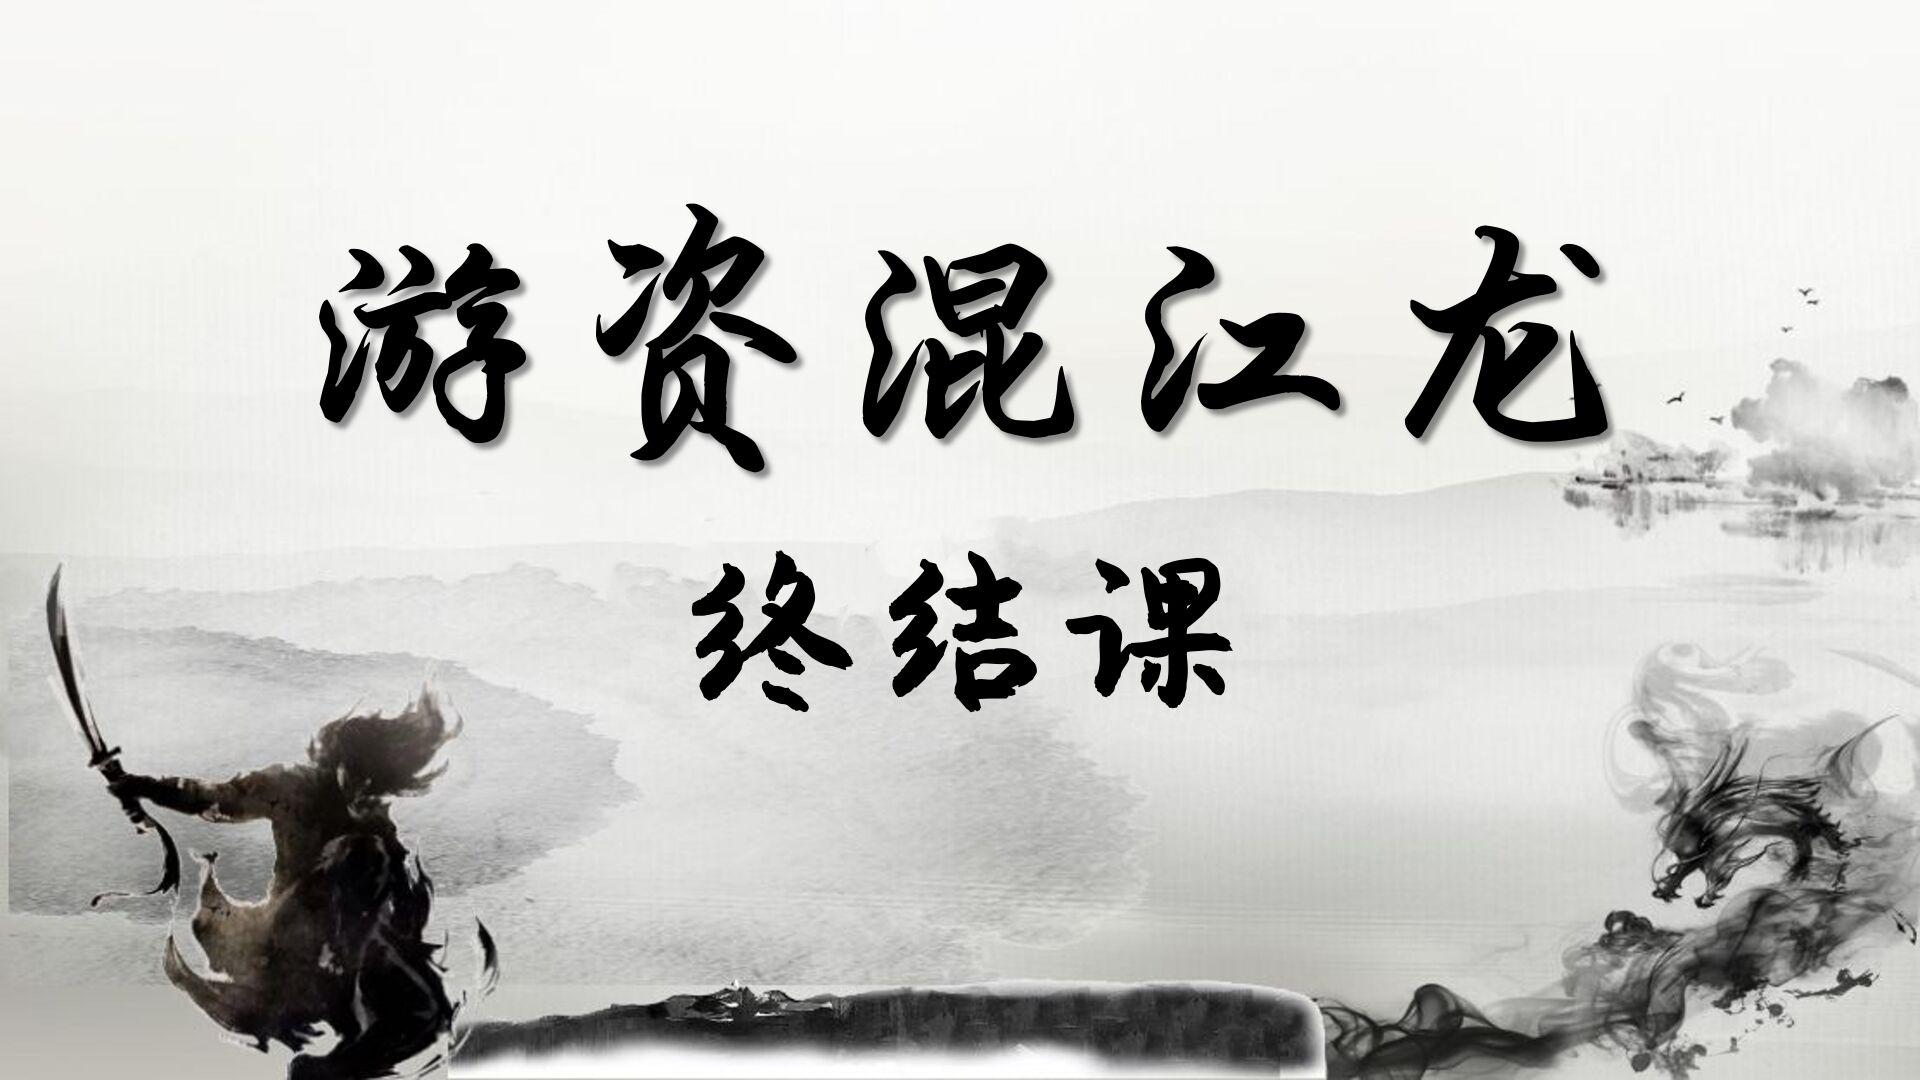 混江龙游资训练营课程三期